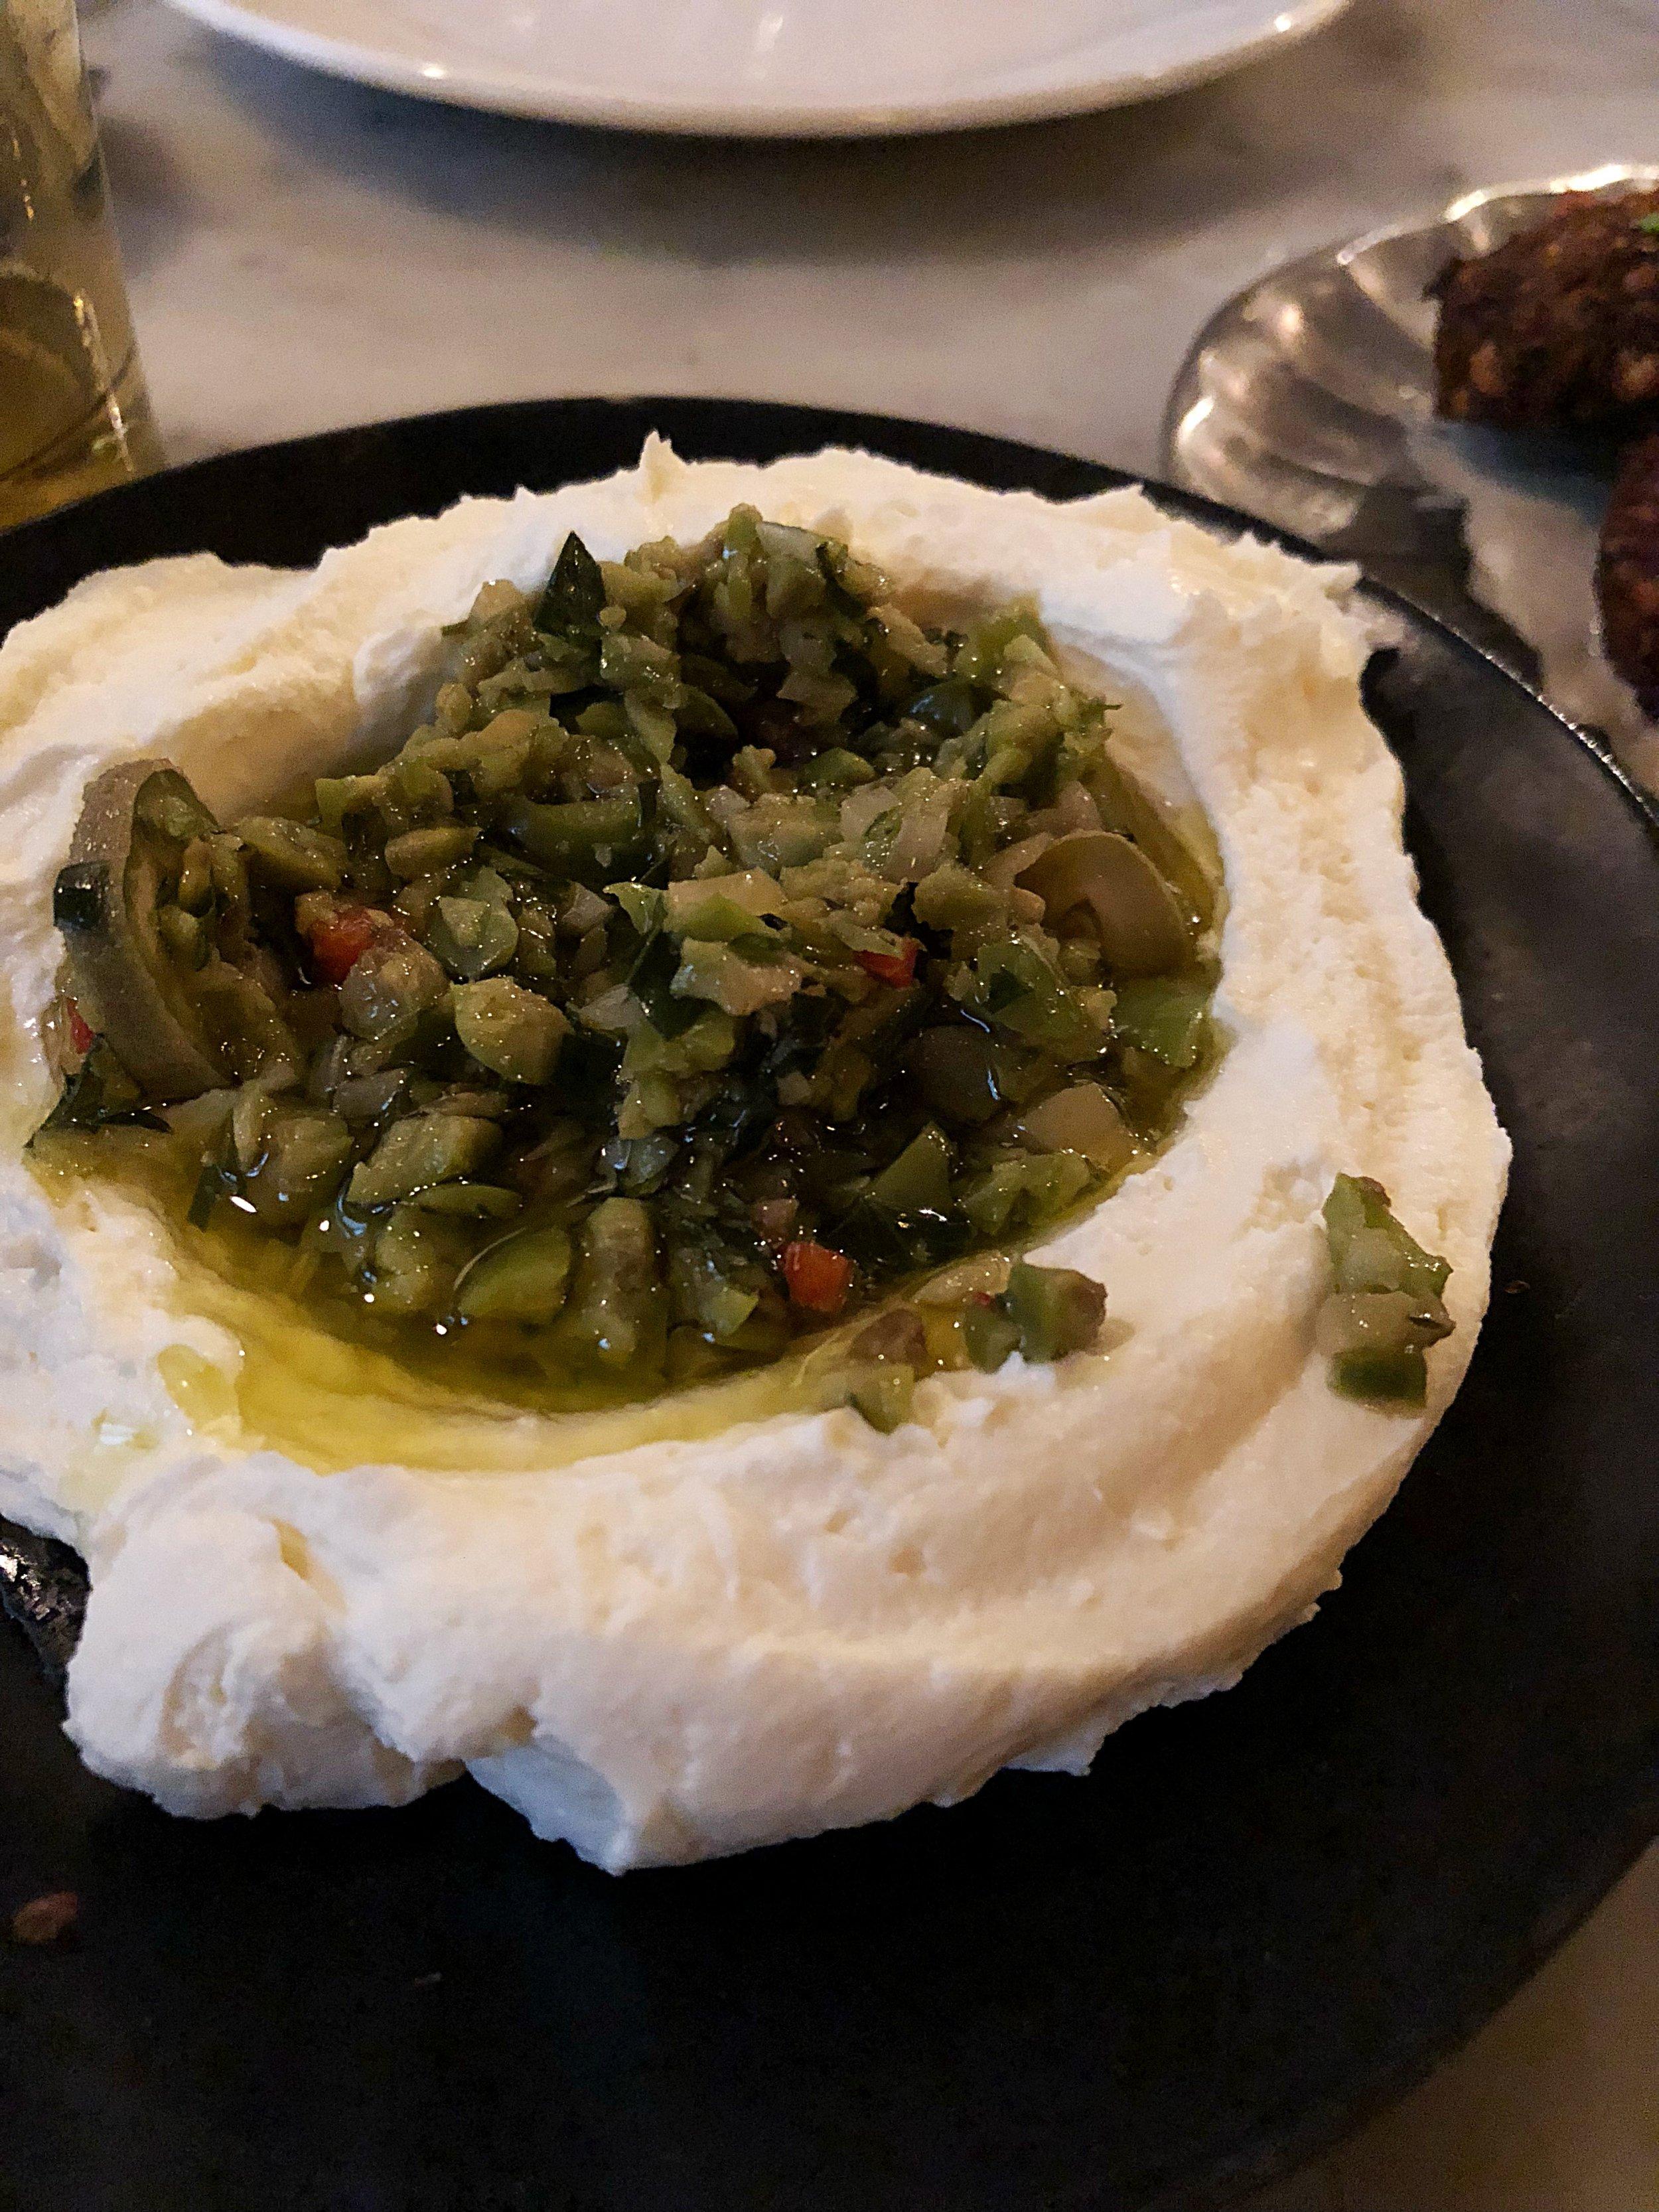 Pistachio + feta dip